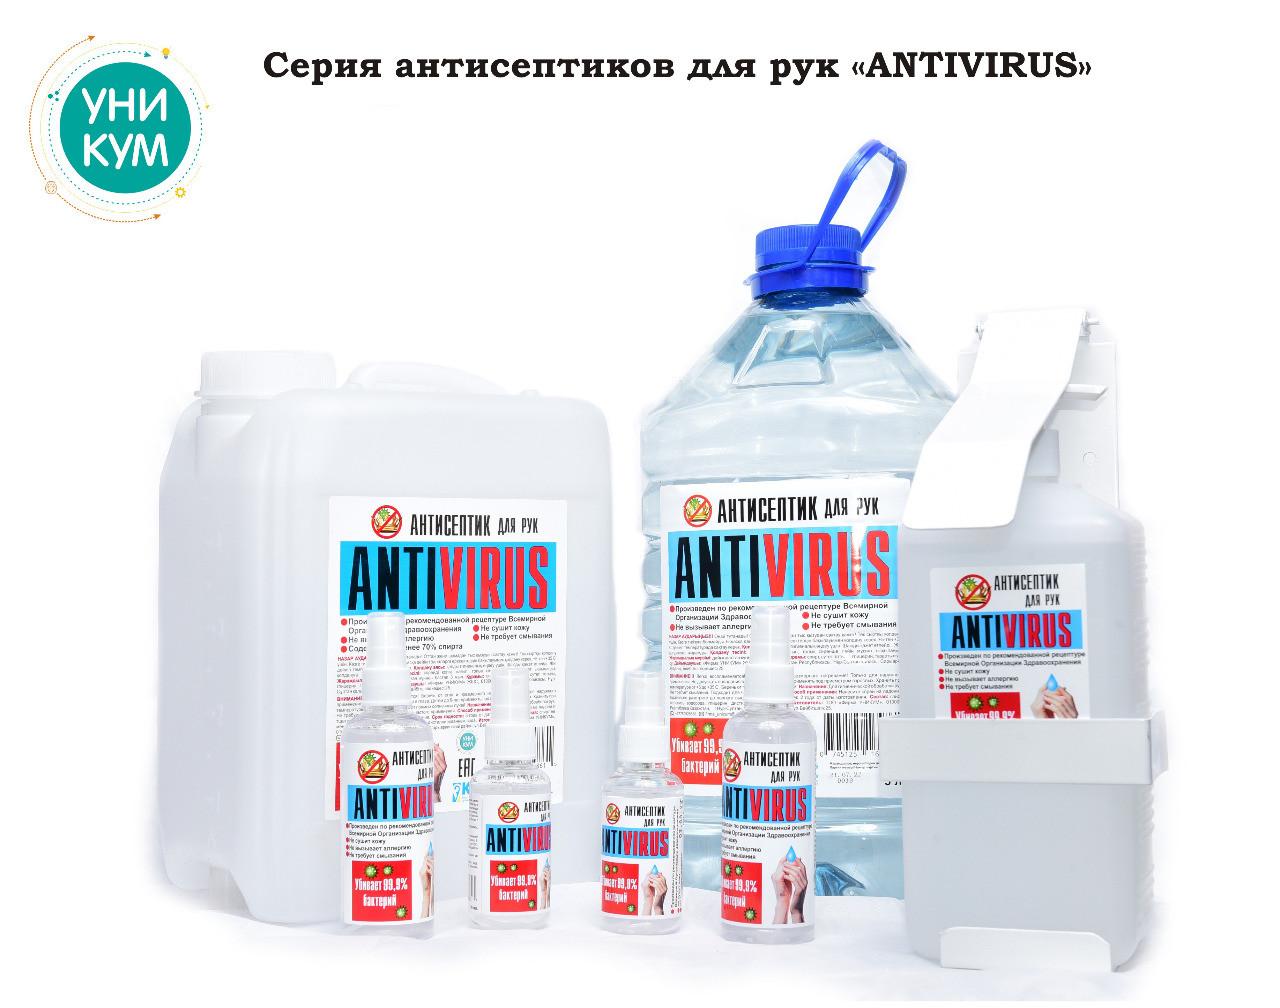 Антисептик для рук «ANTIVIRUS» от производителя. Канистра объёмом 5 литров - фото 3